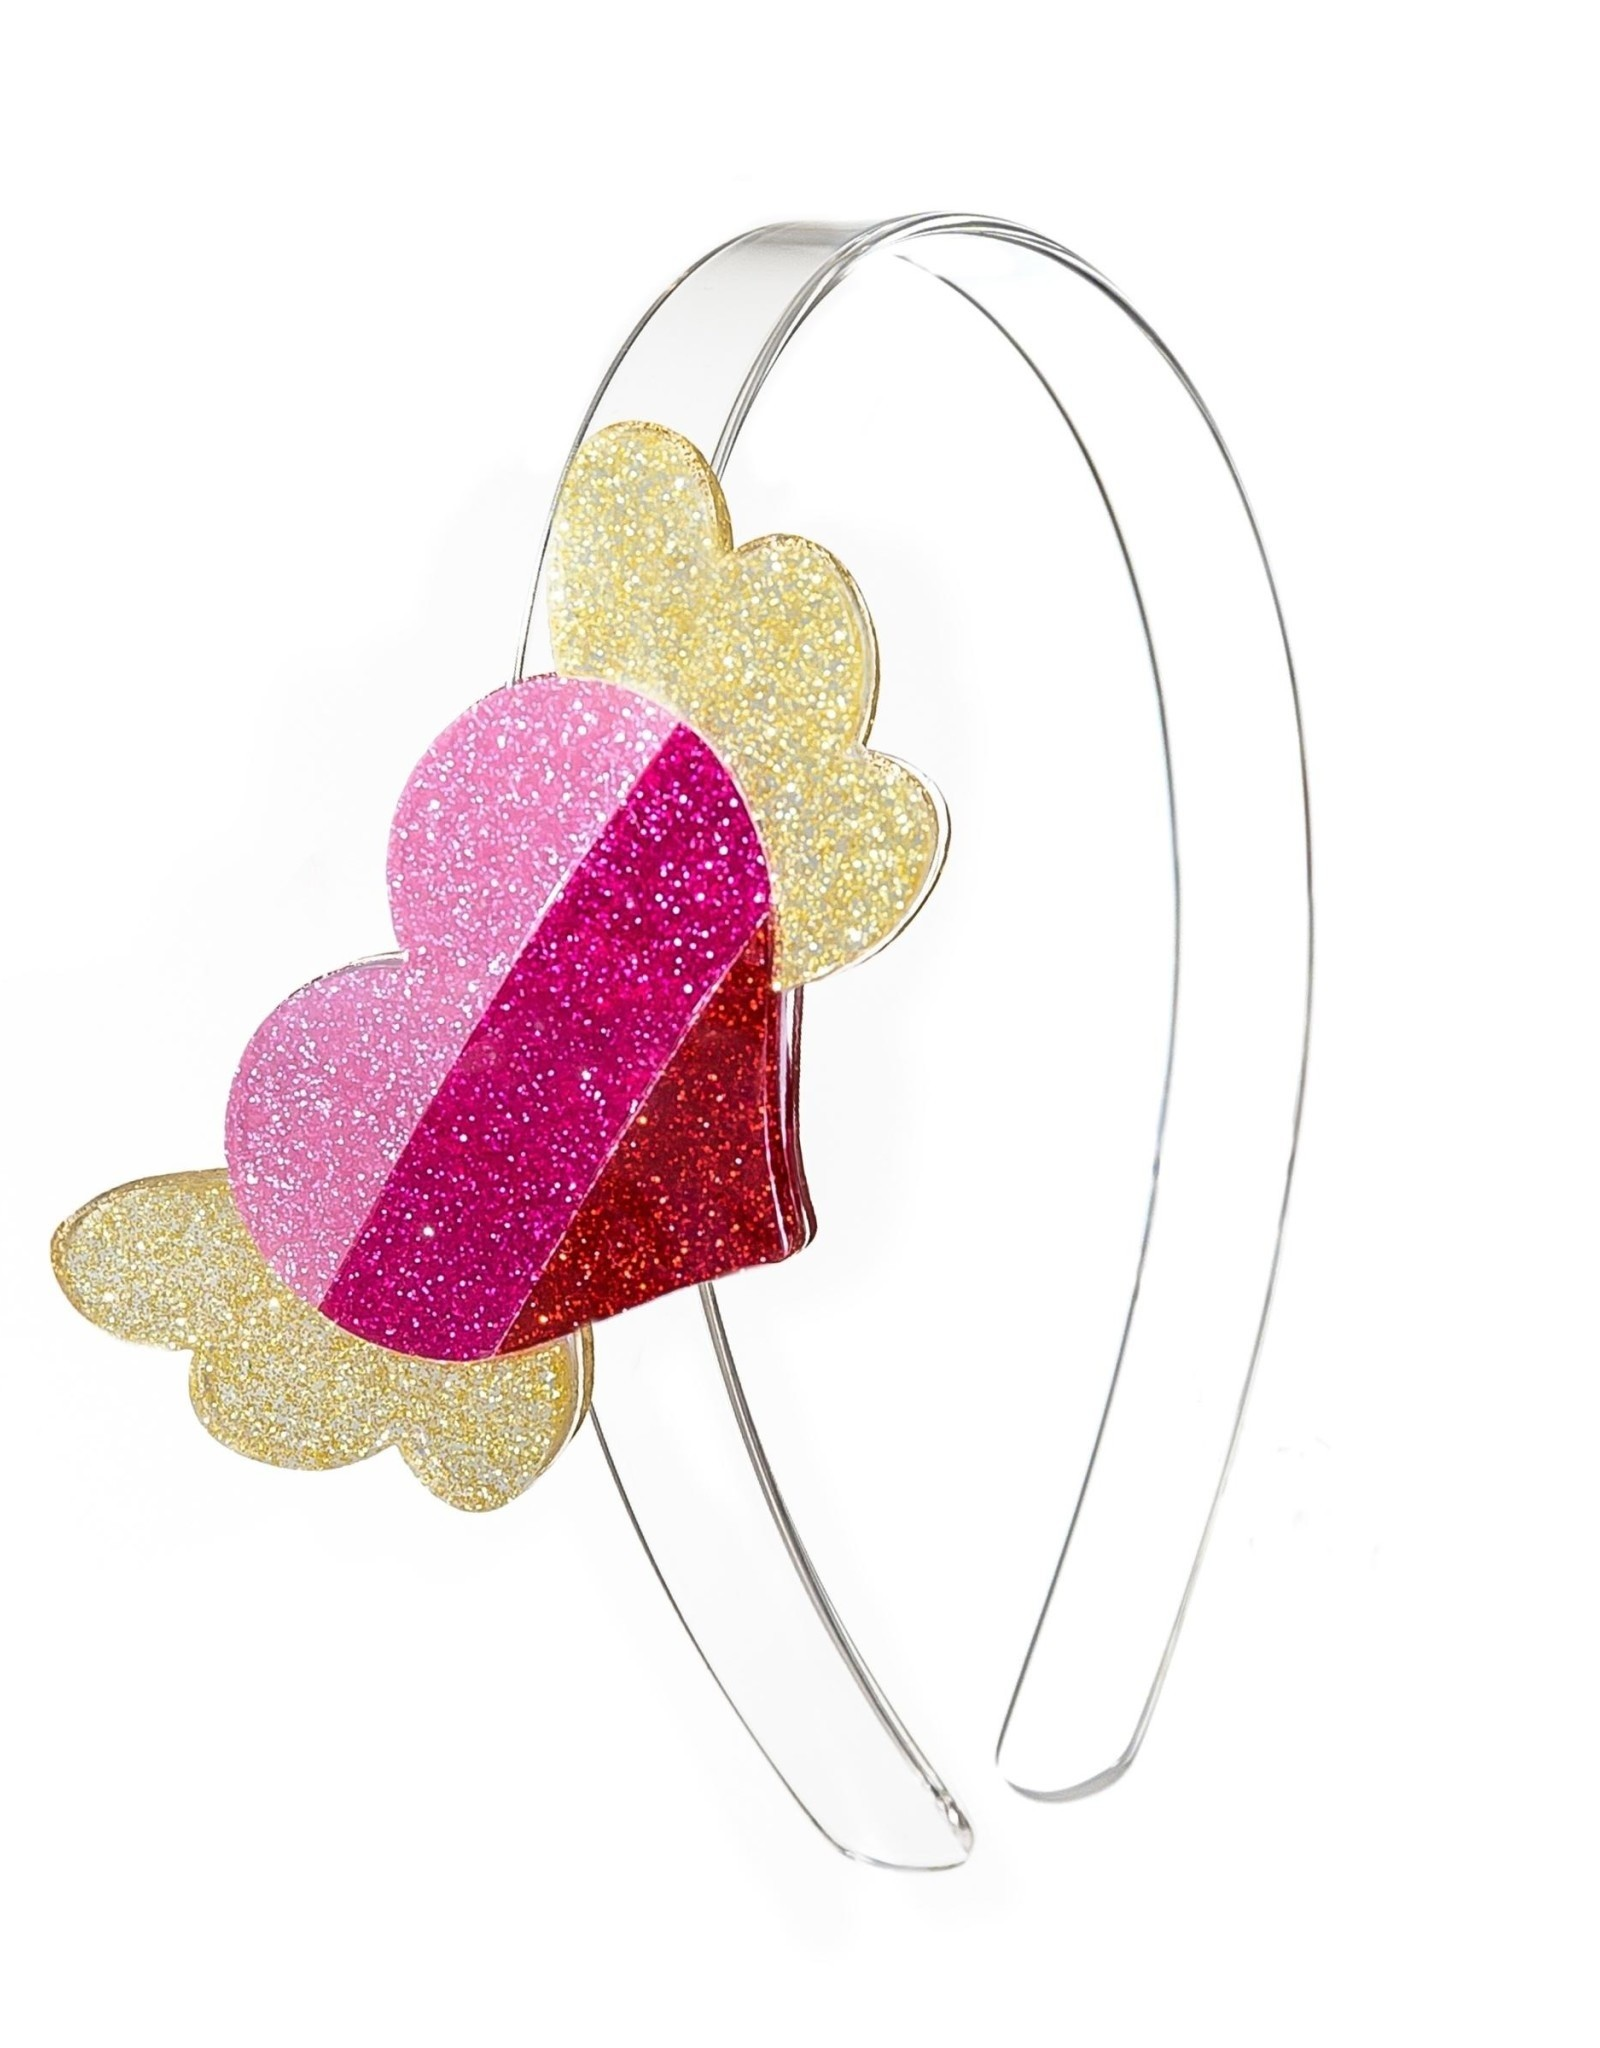 Lillies & Roses Headband Winged Heart